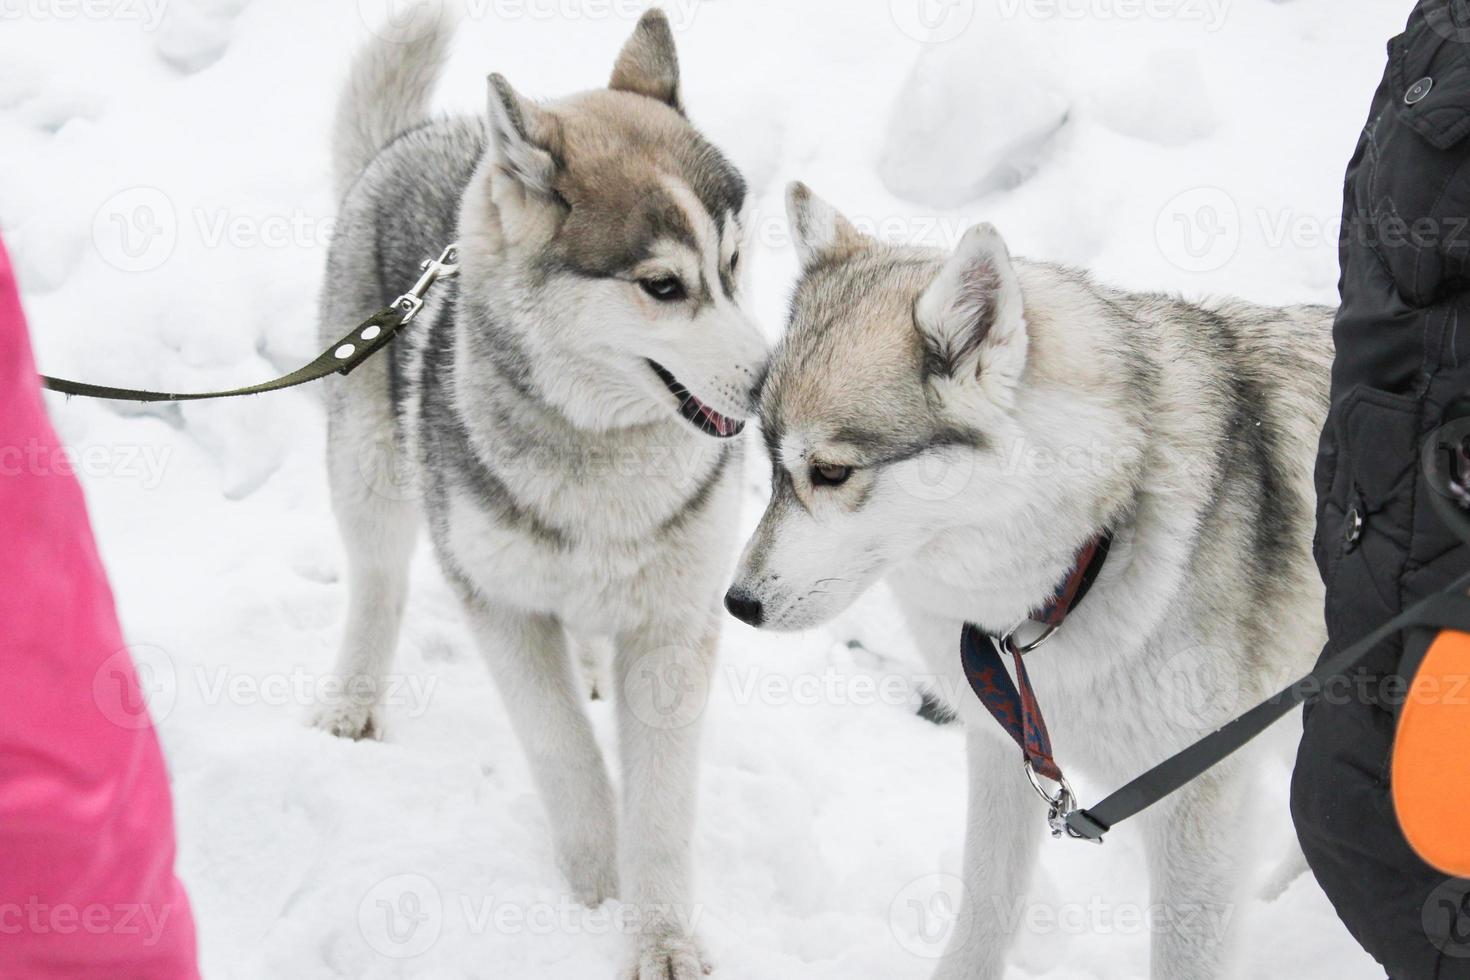 dos perros esquimales jugando foto